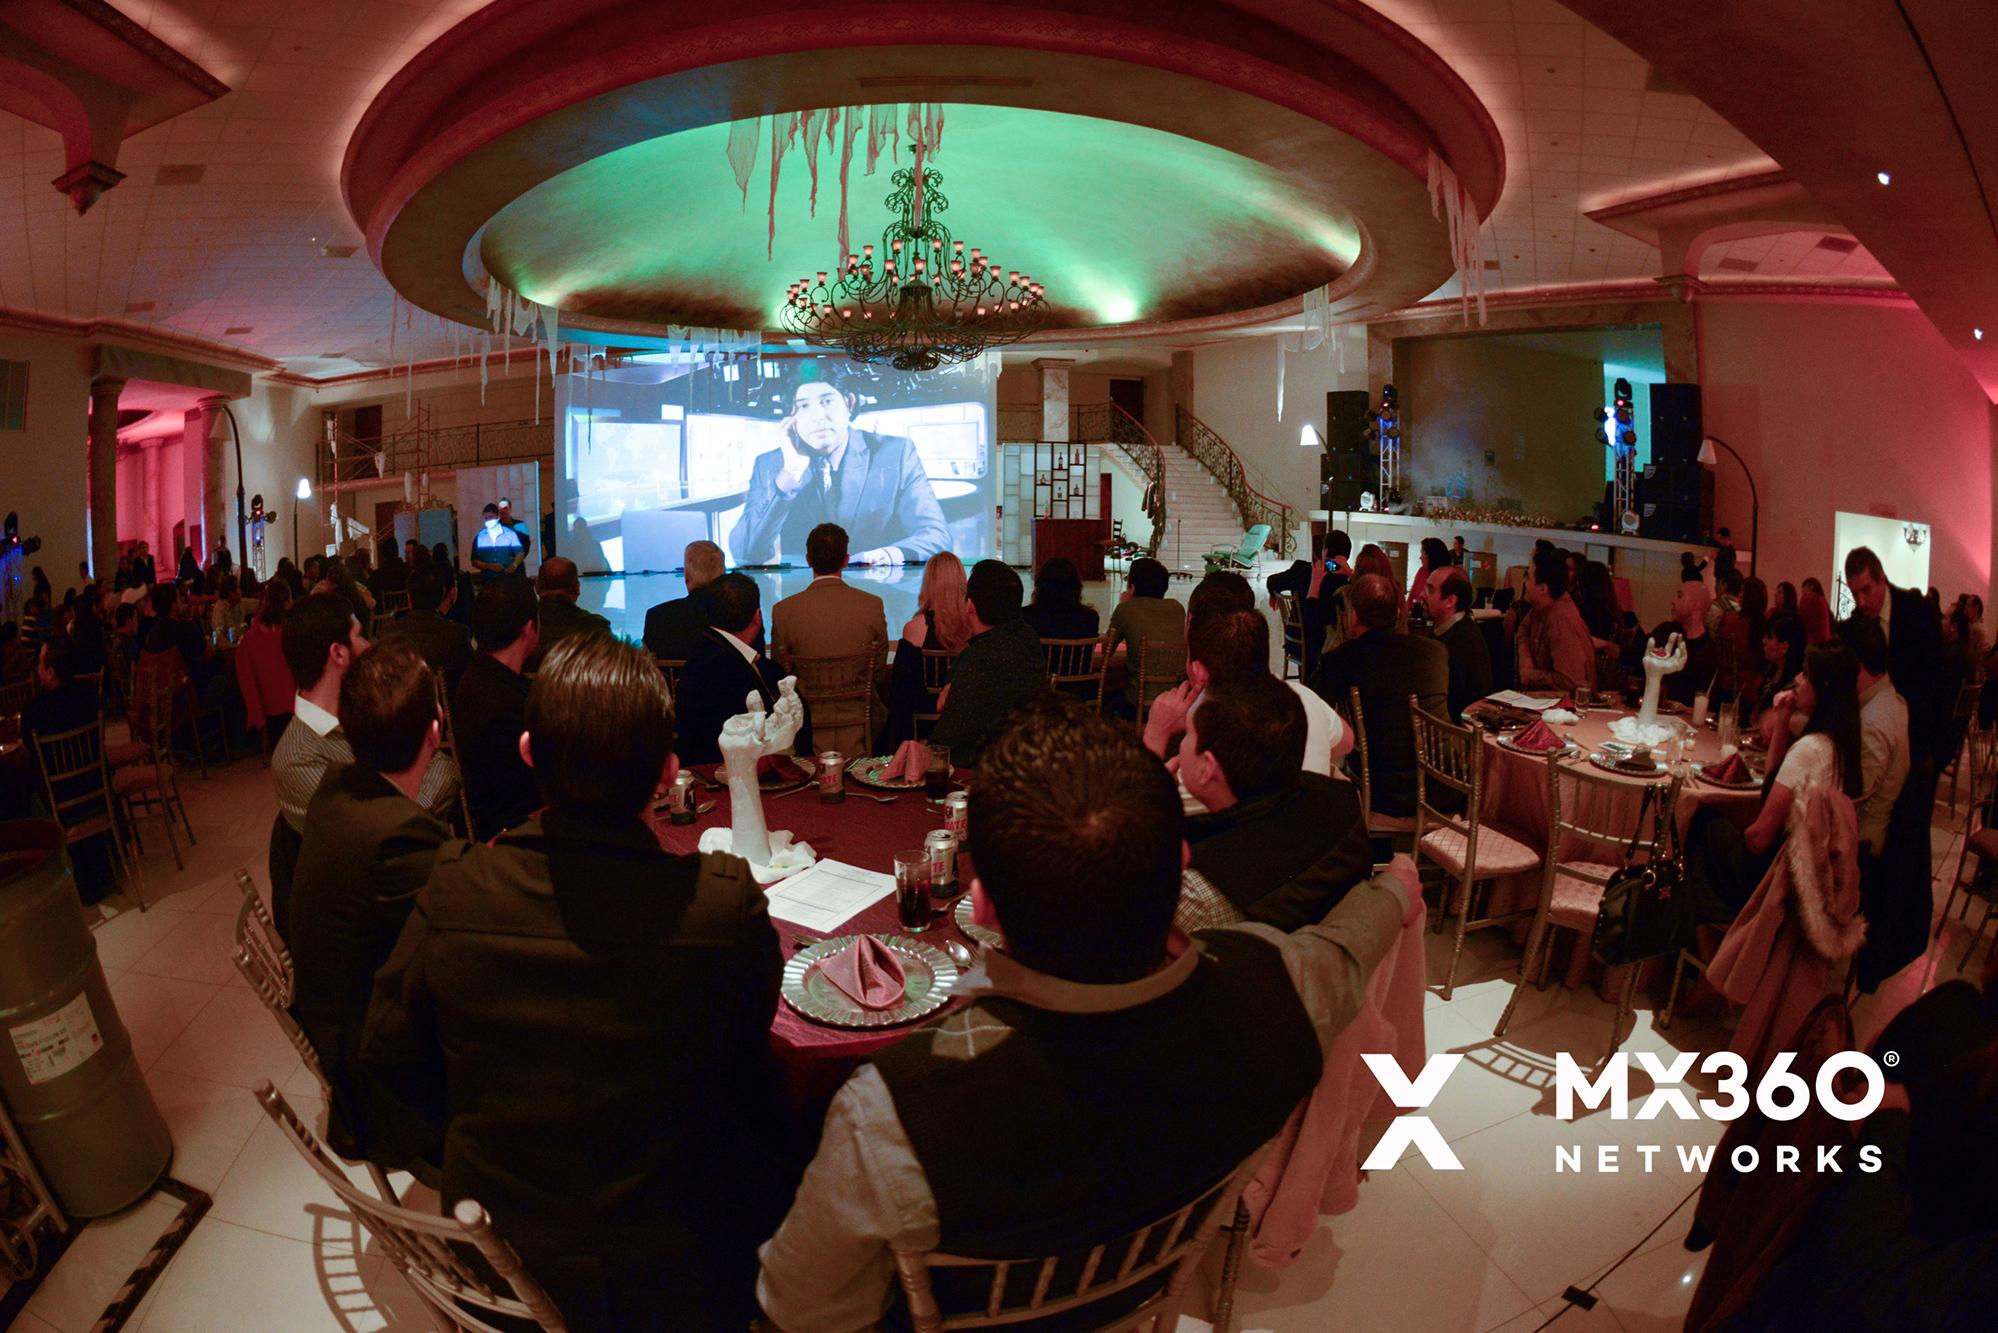 Videomapping Monterrey, Renta de proyectores, Maquillaje, vestuario, halloween, fiesta zombie, Performance musical, organización de eventos, eventos corporativos, ambientación y decoración de eventos, eventos monterrey.